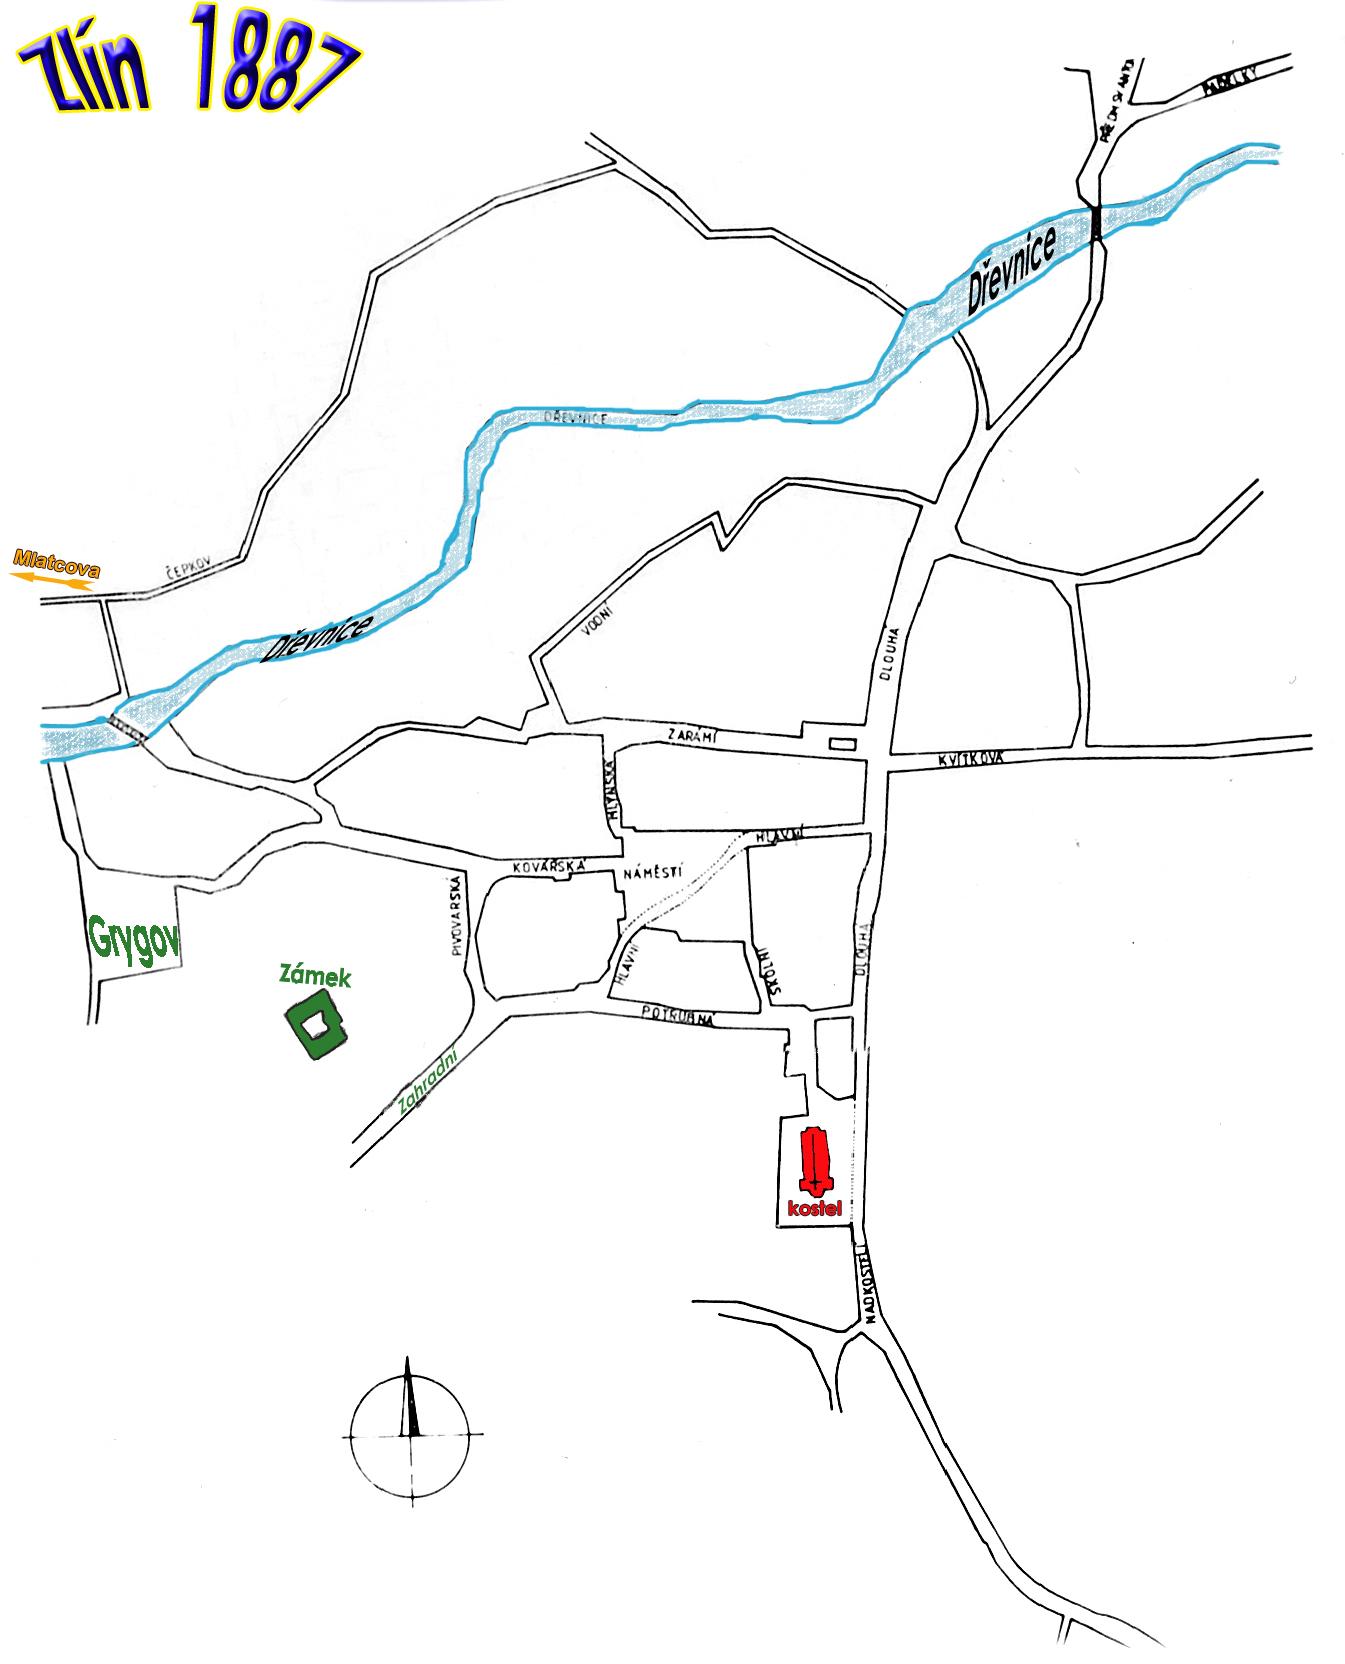 mapa uliční sítě v roce 1887